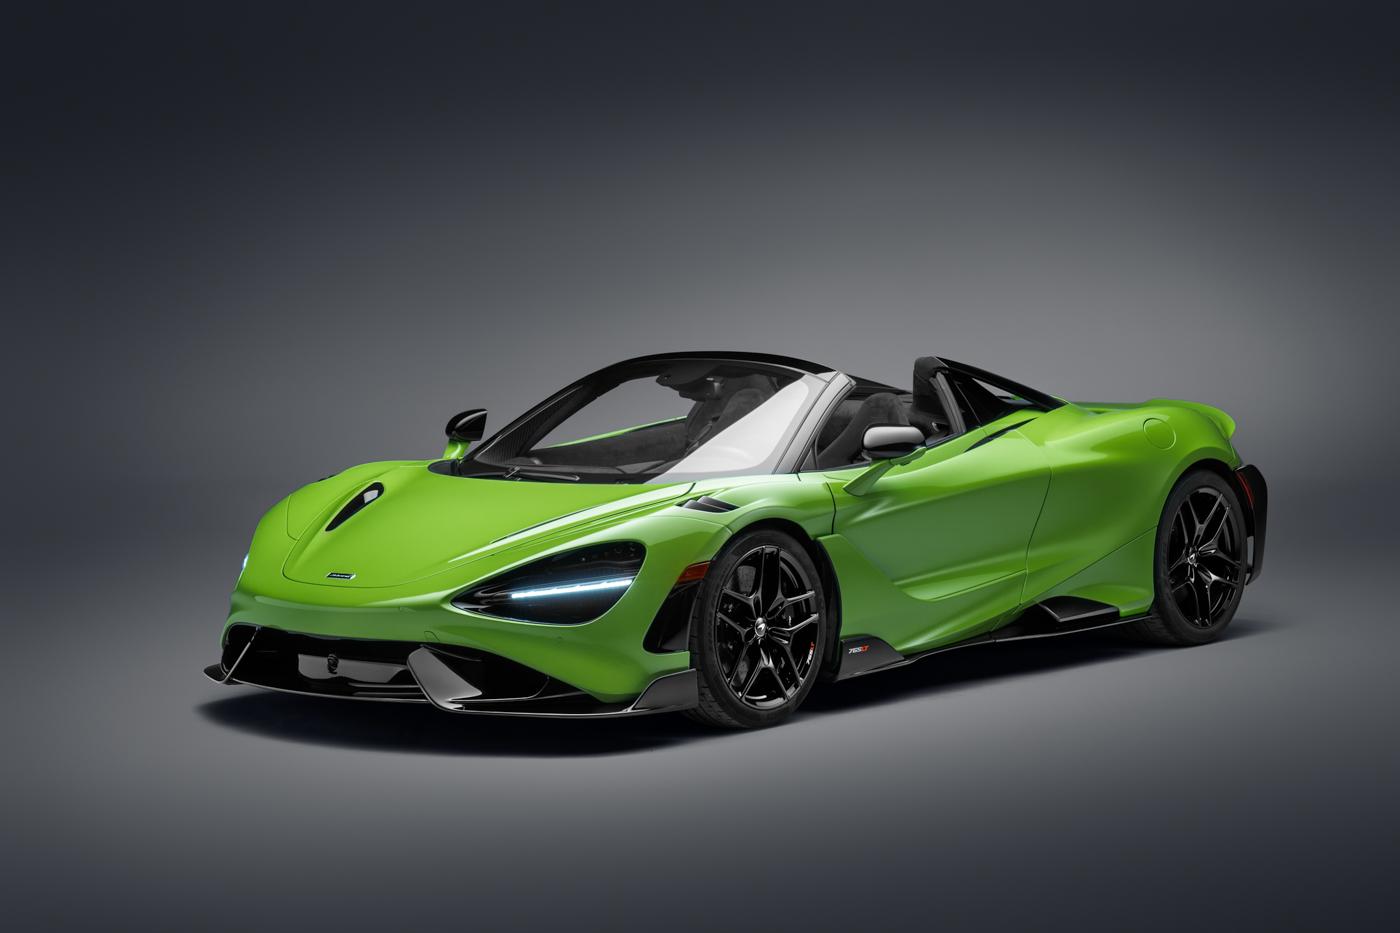 McLaren-765-LT-Spider-siêu-xe-mui-trần-hiệu-năng-cao-dẫn-đầu-phân-khúc-45.jpg